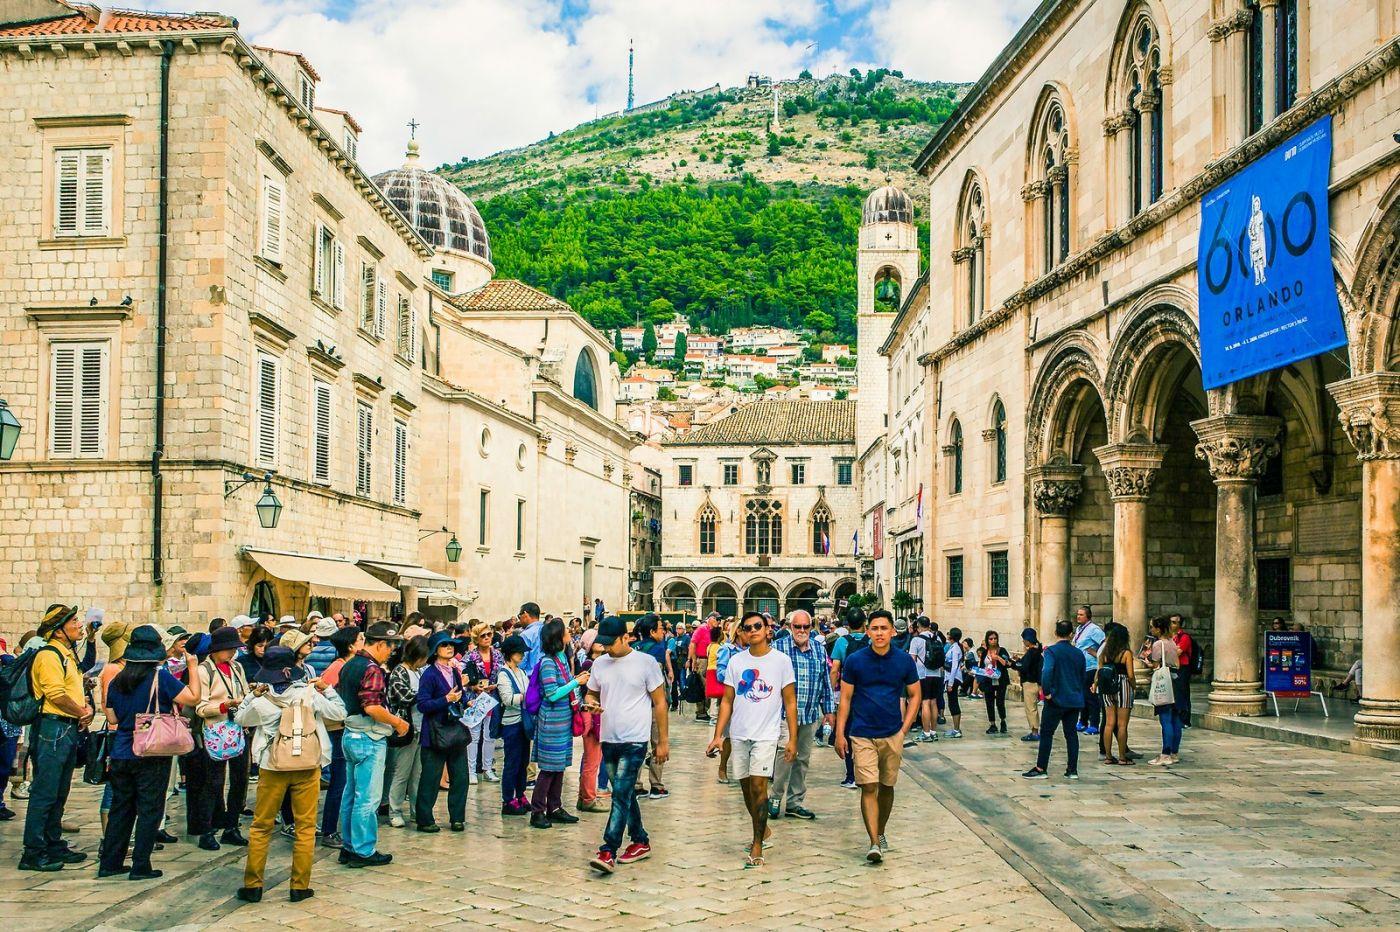 克罗地亚杜布罗夫尼克(Dubrovnik),古城小巷_图1-26